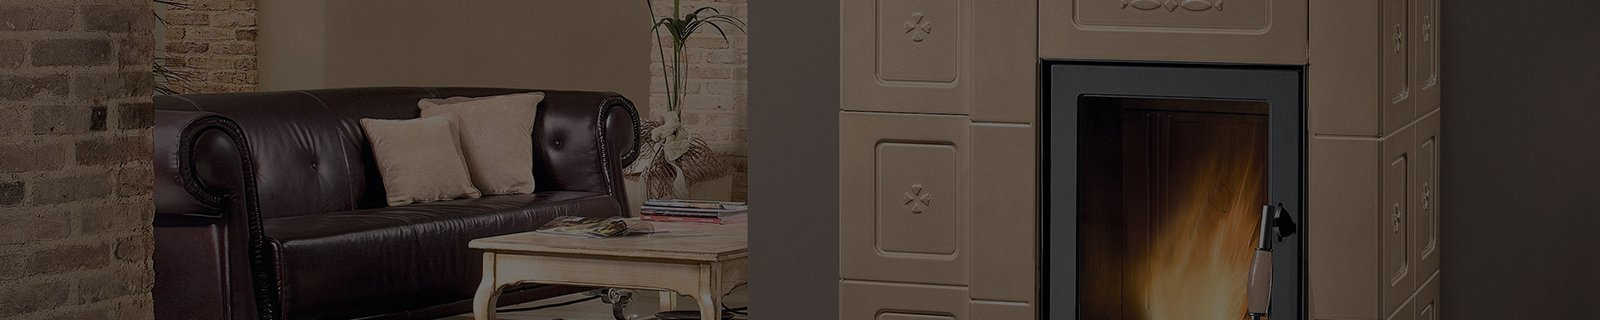 Камины классической облицовки купить в Киеве. Установка, монтаж. Заказать. Цены, фото, сайт - Kaminoff